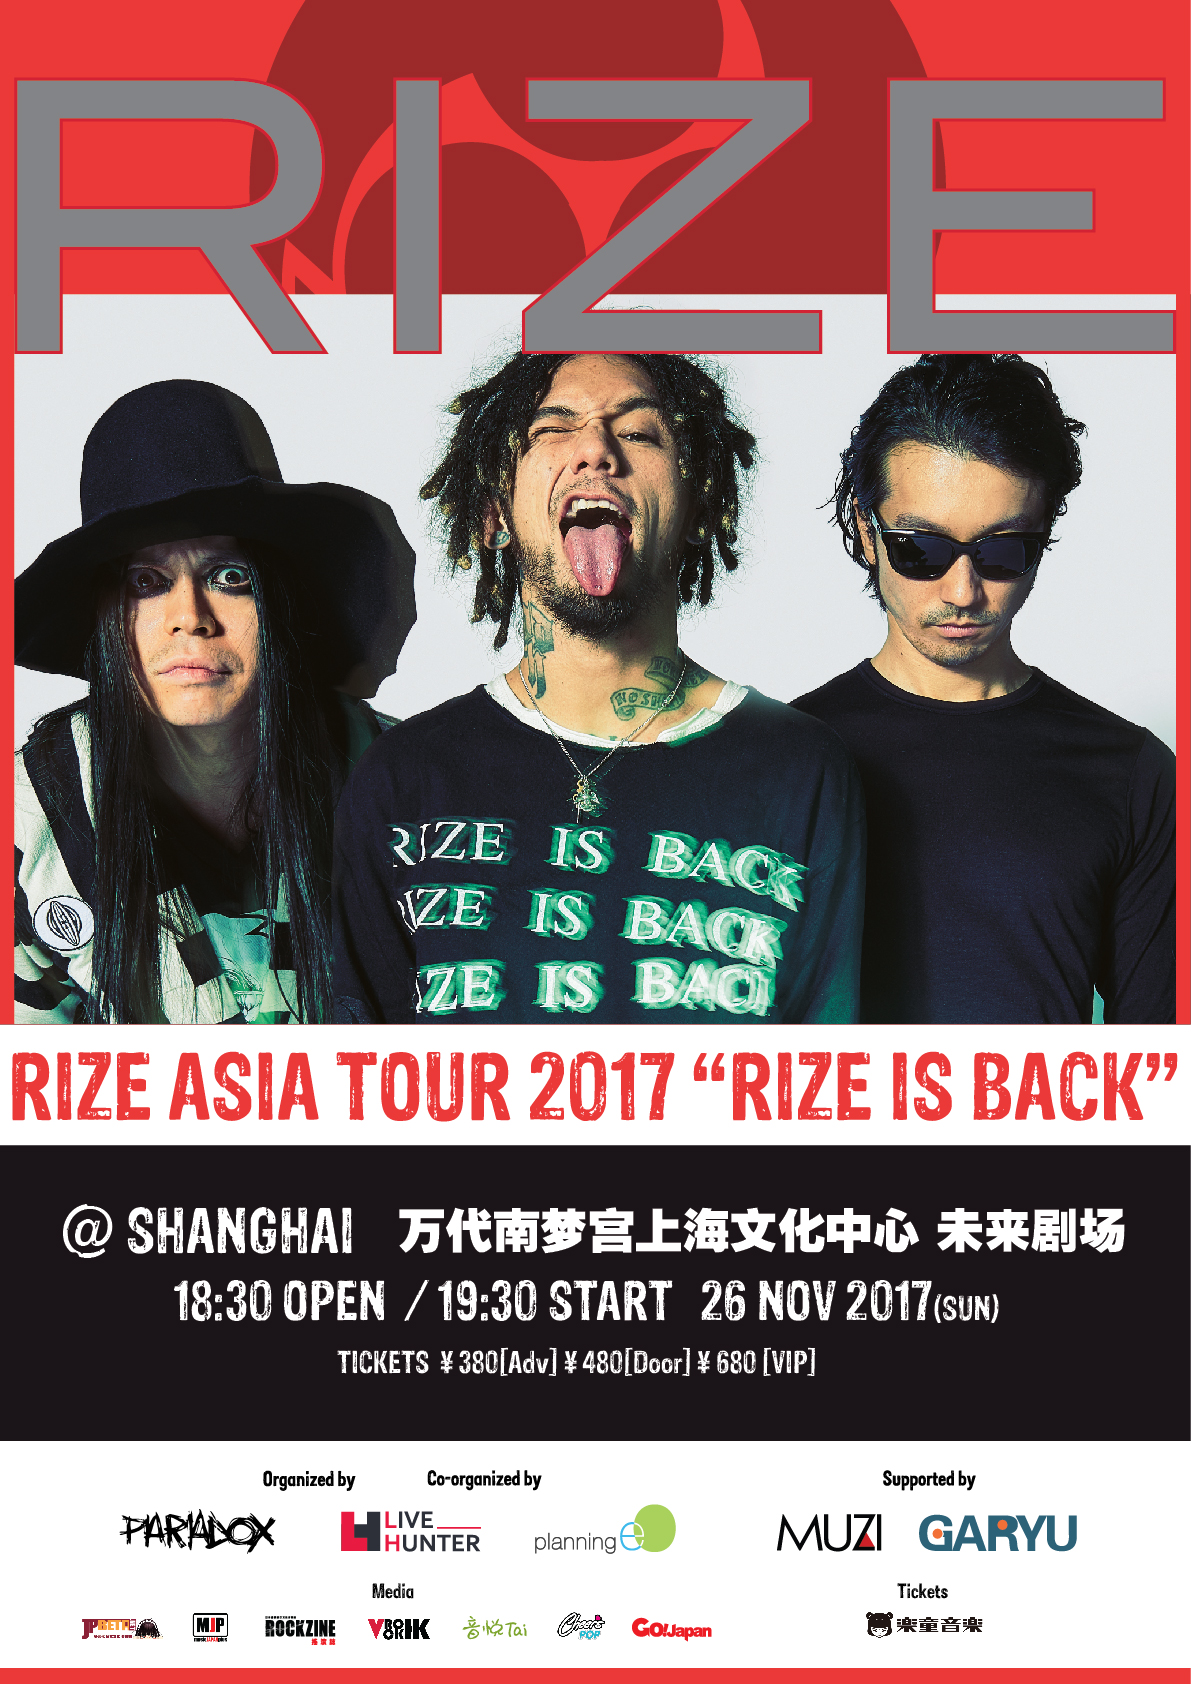 RIZE ASIA TOUR 2017